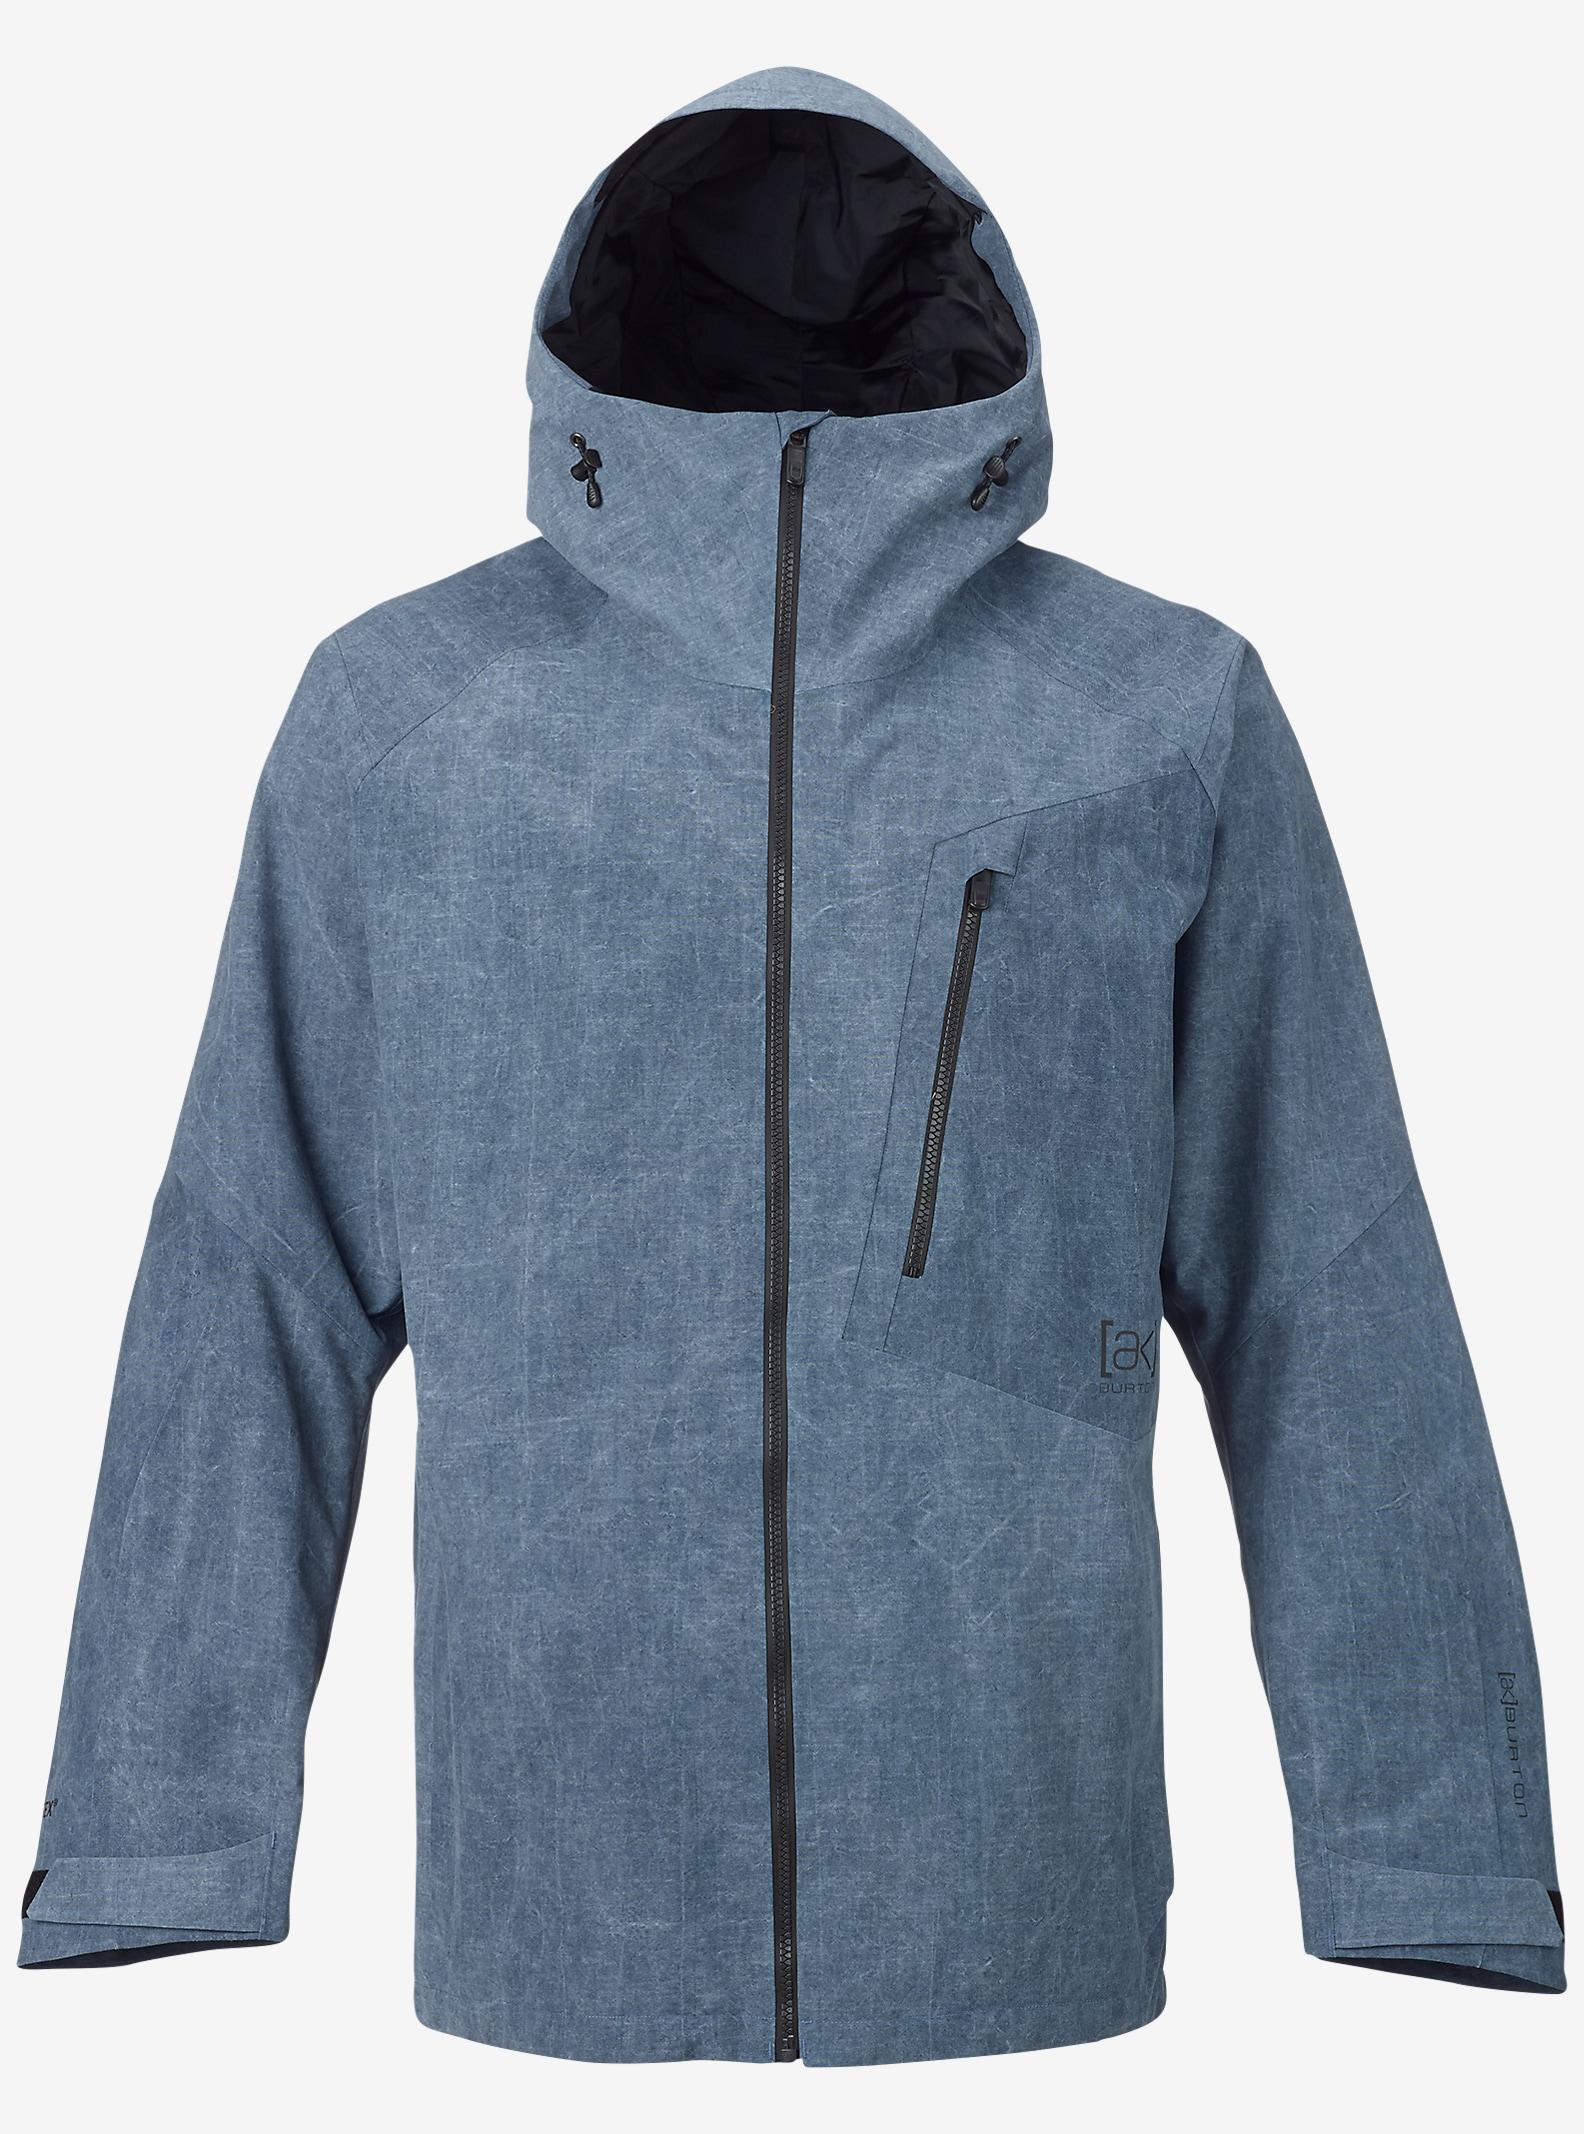 Burton [ak] 2L Cyclic Jacket shown in Vintage Blue